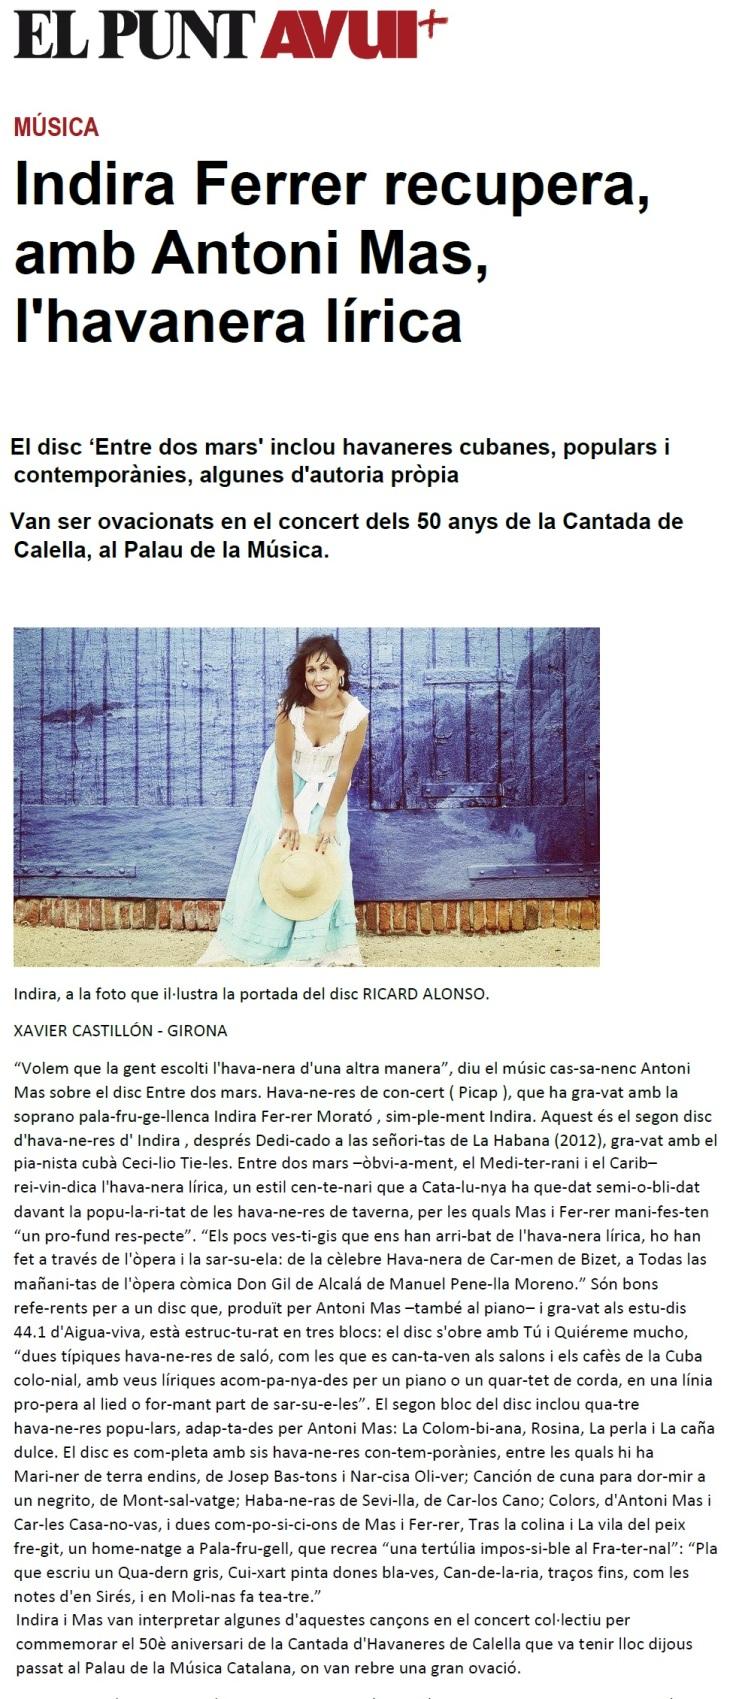 critica castillón